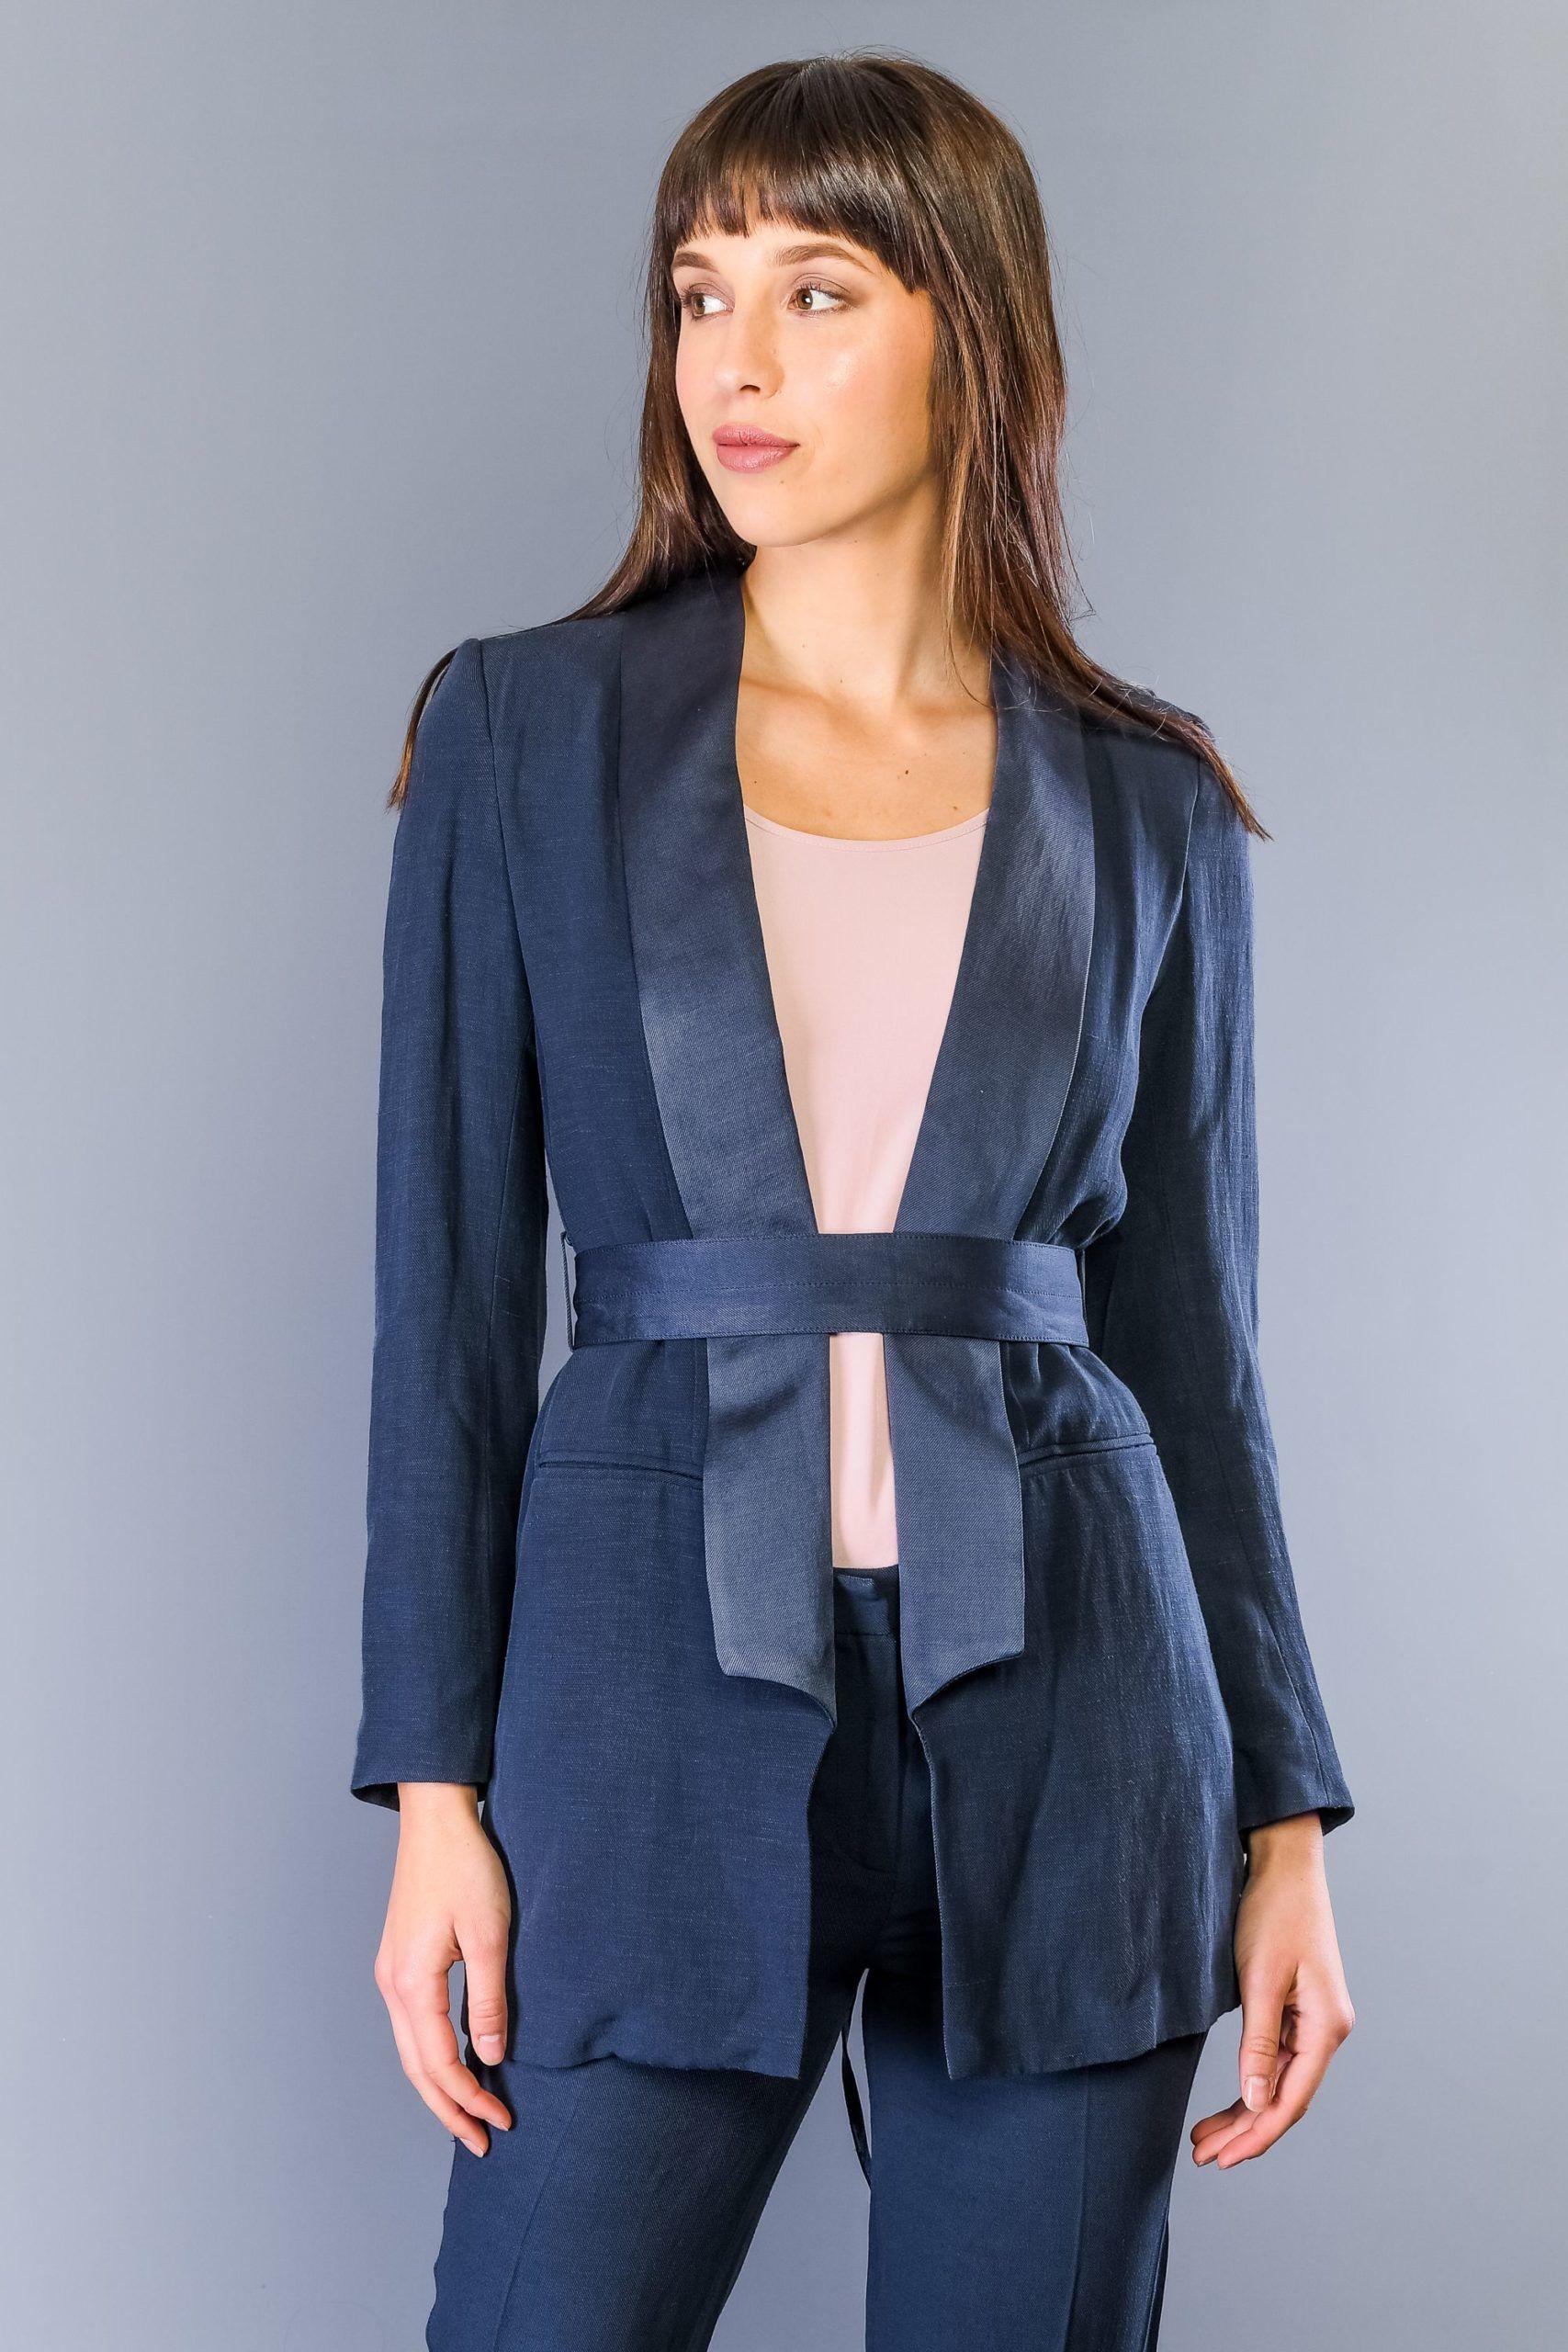 Twinset Indaco Jackets & Coat